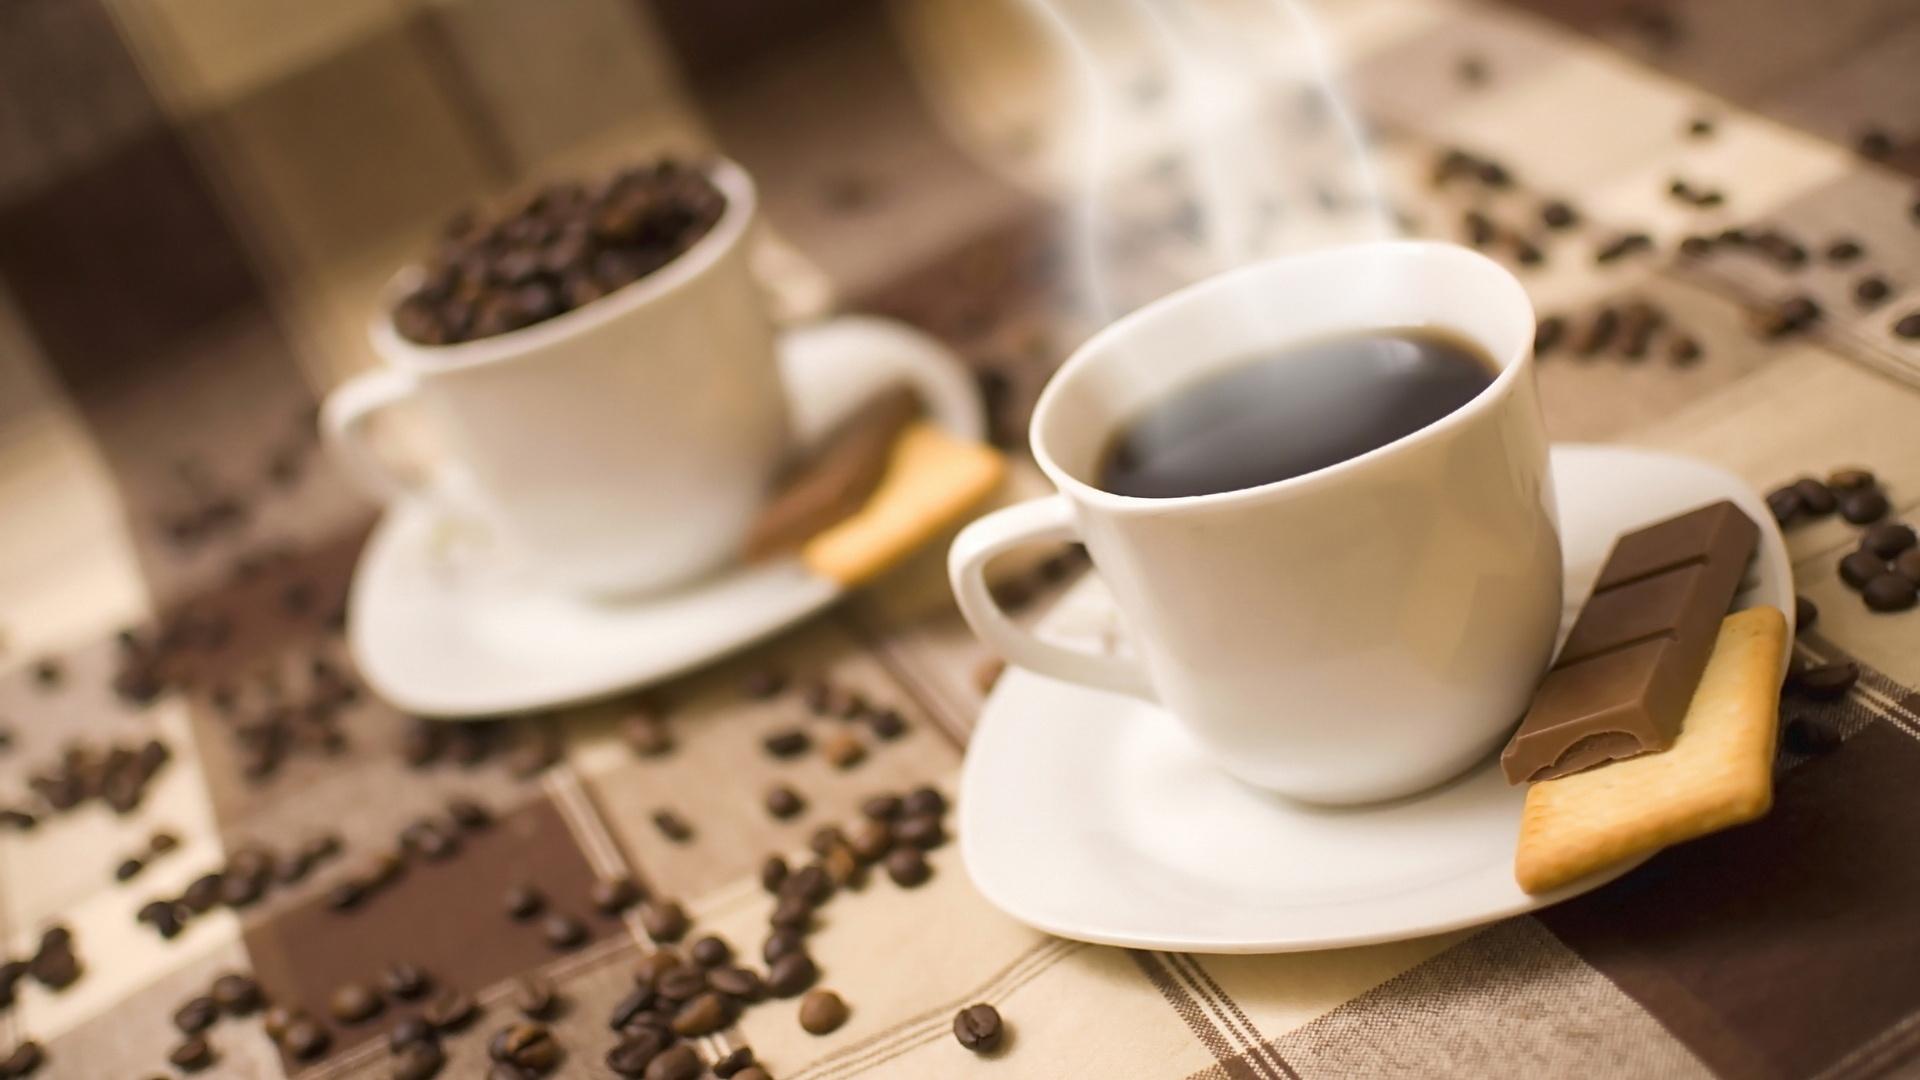 обои на рабочий стол чашка кофе и шоколад № 246739 загрузить